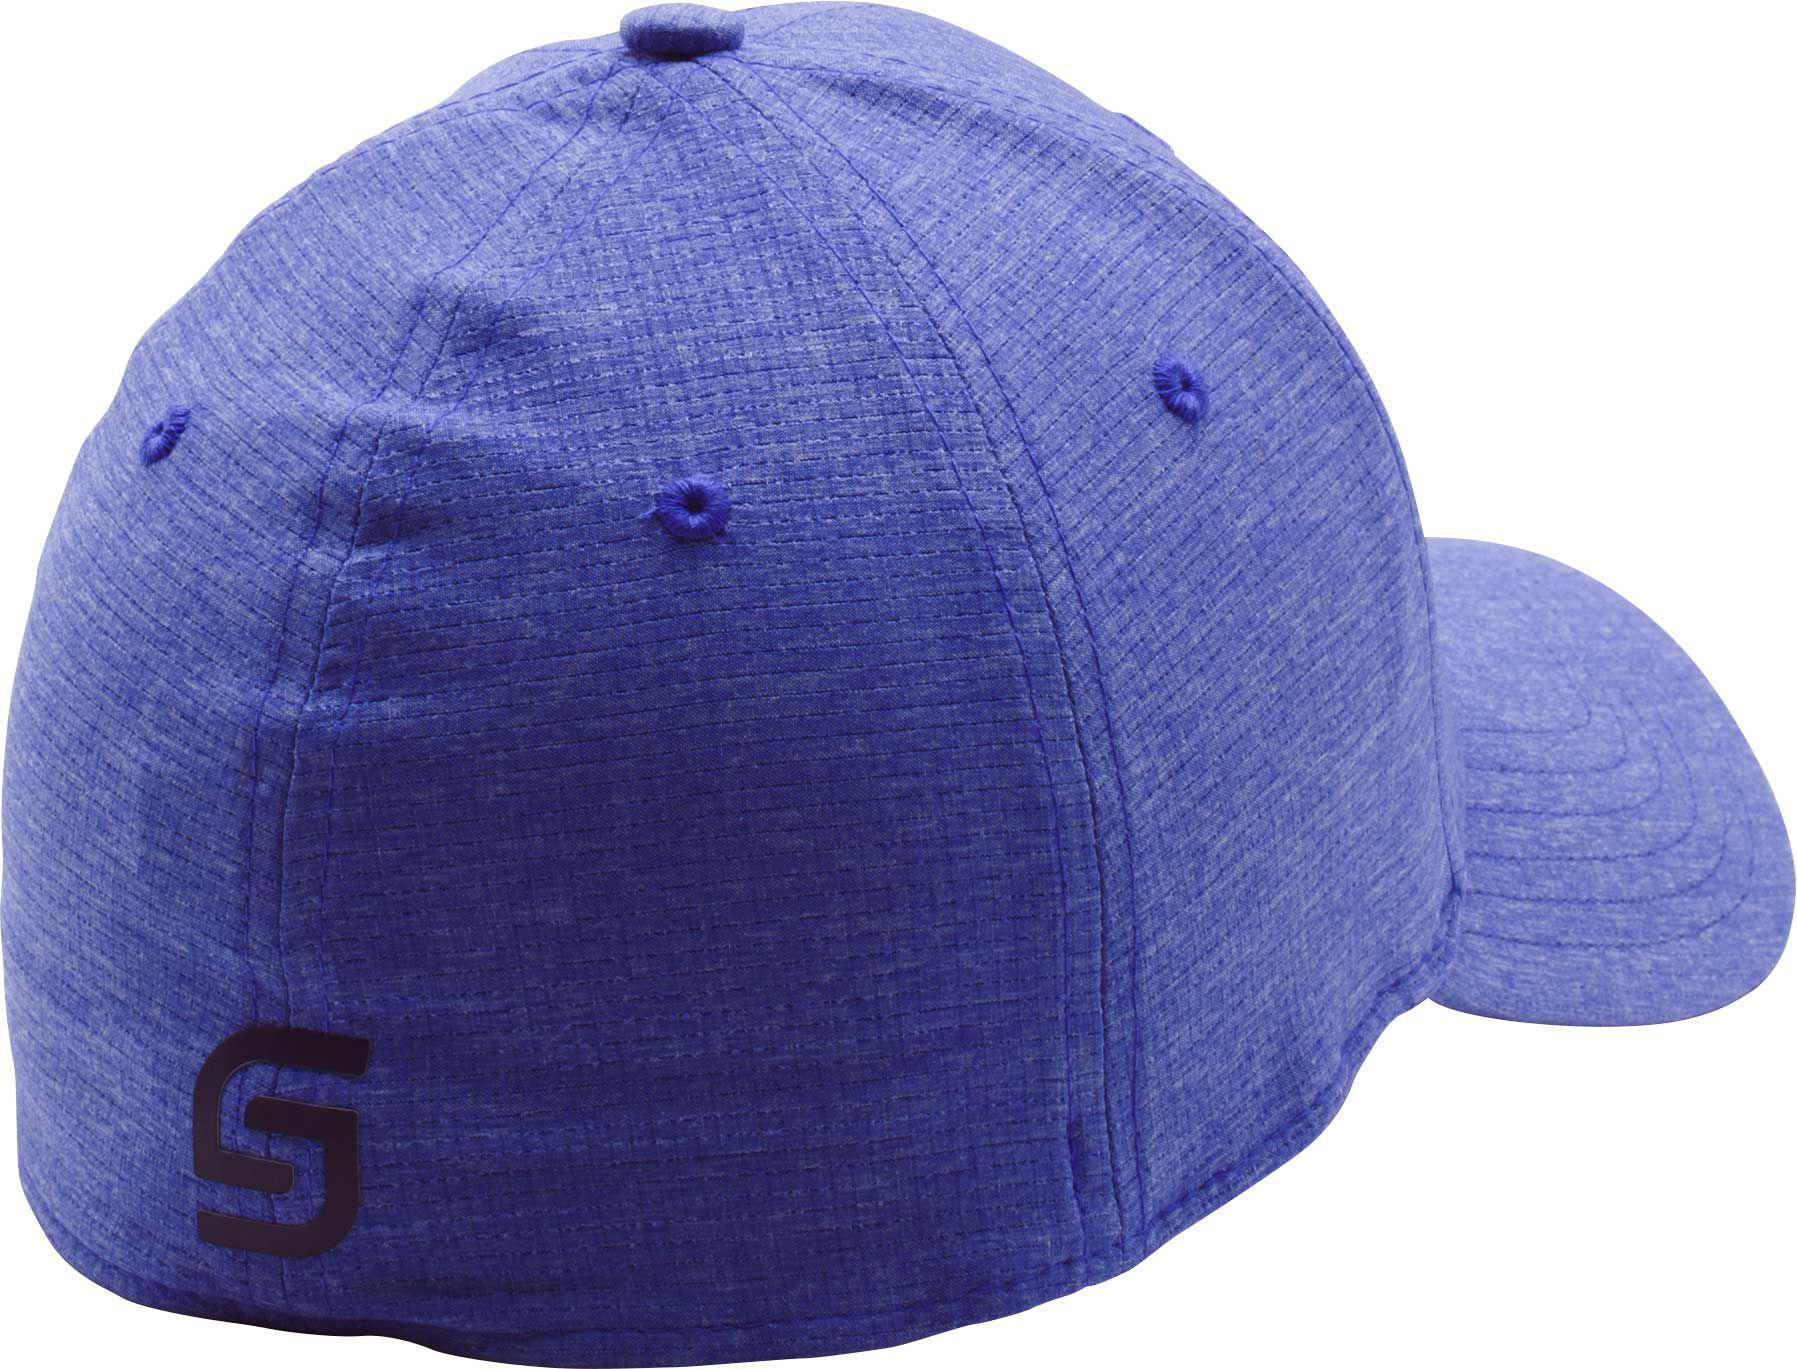 a57ce36506e Lyst - Under Armour Jordan Spieth Official Tour Golf Hat in Blue for Men